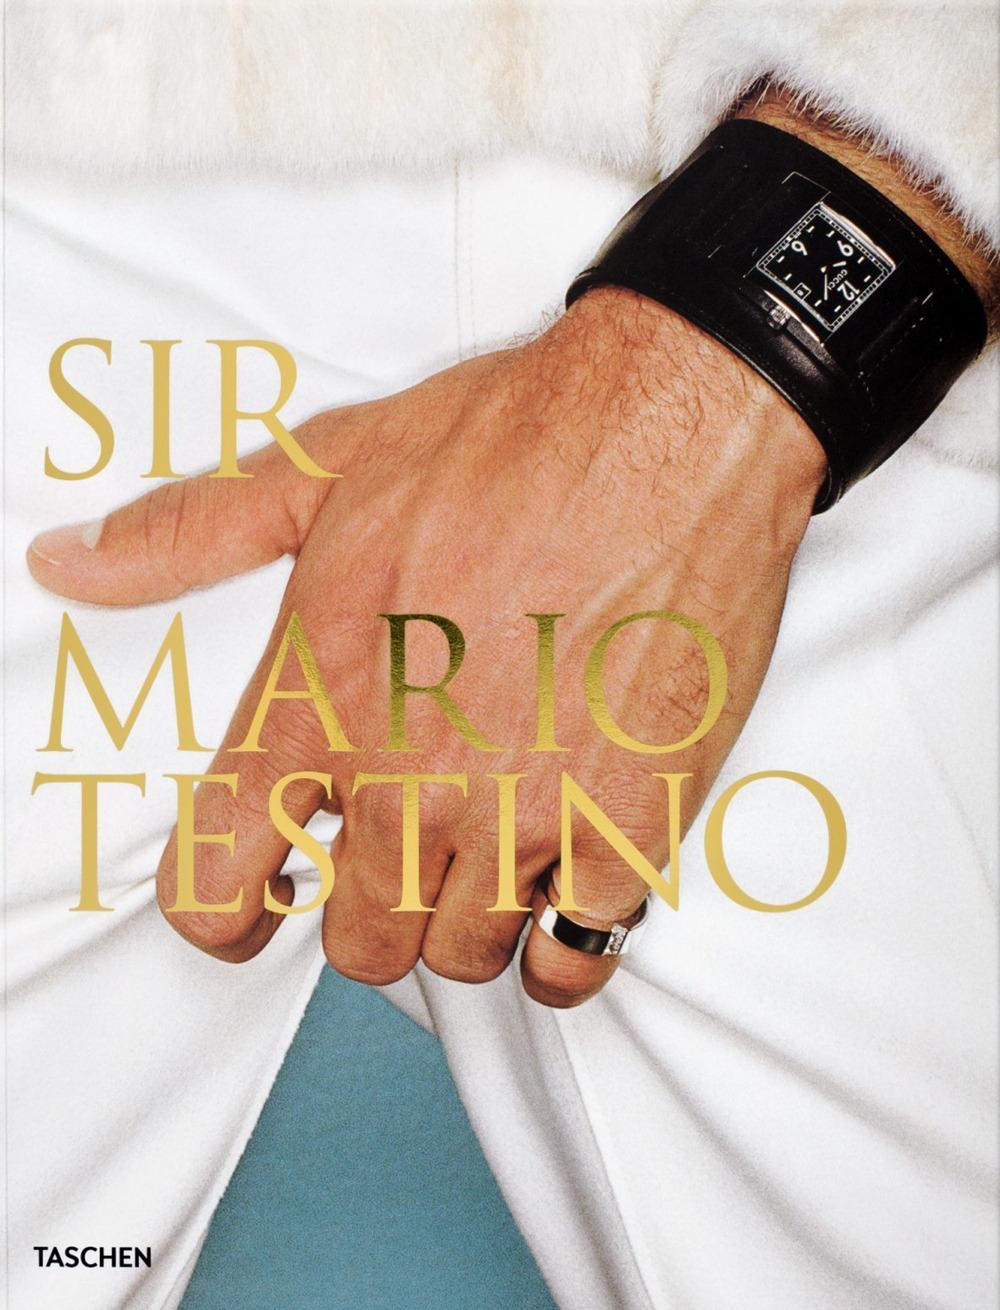 Sir Mario Testino.